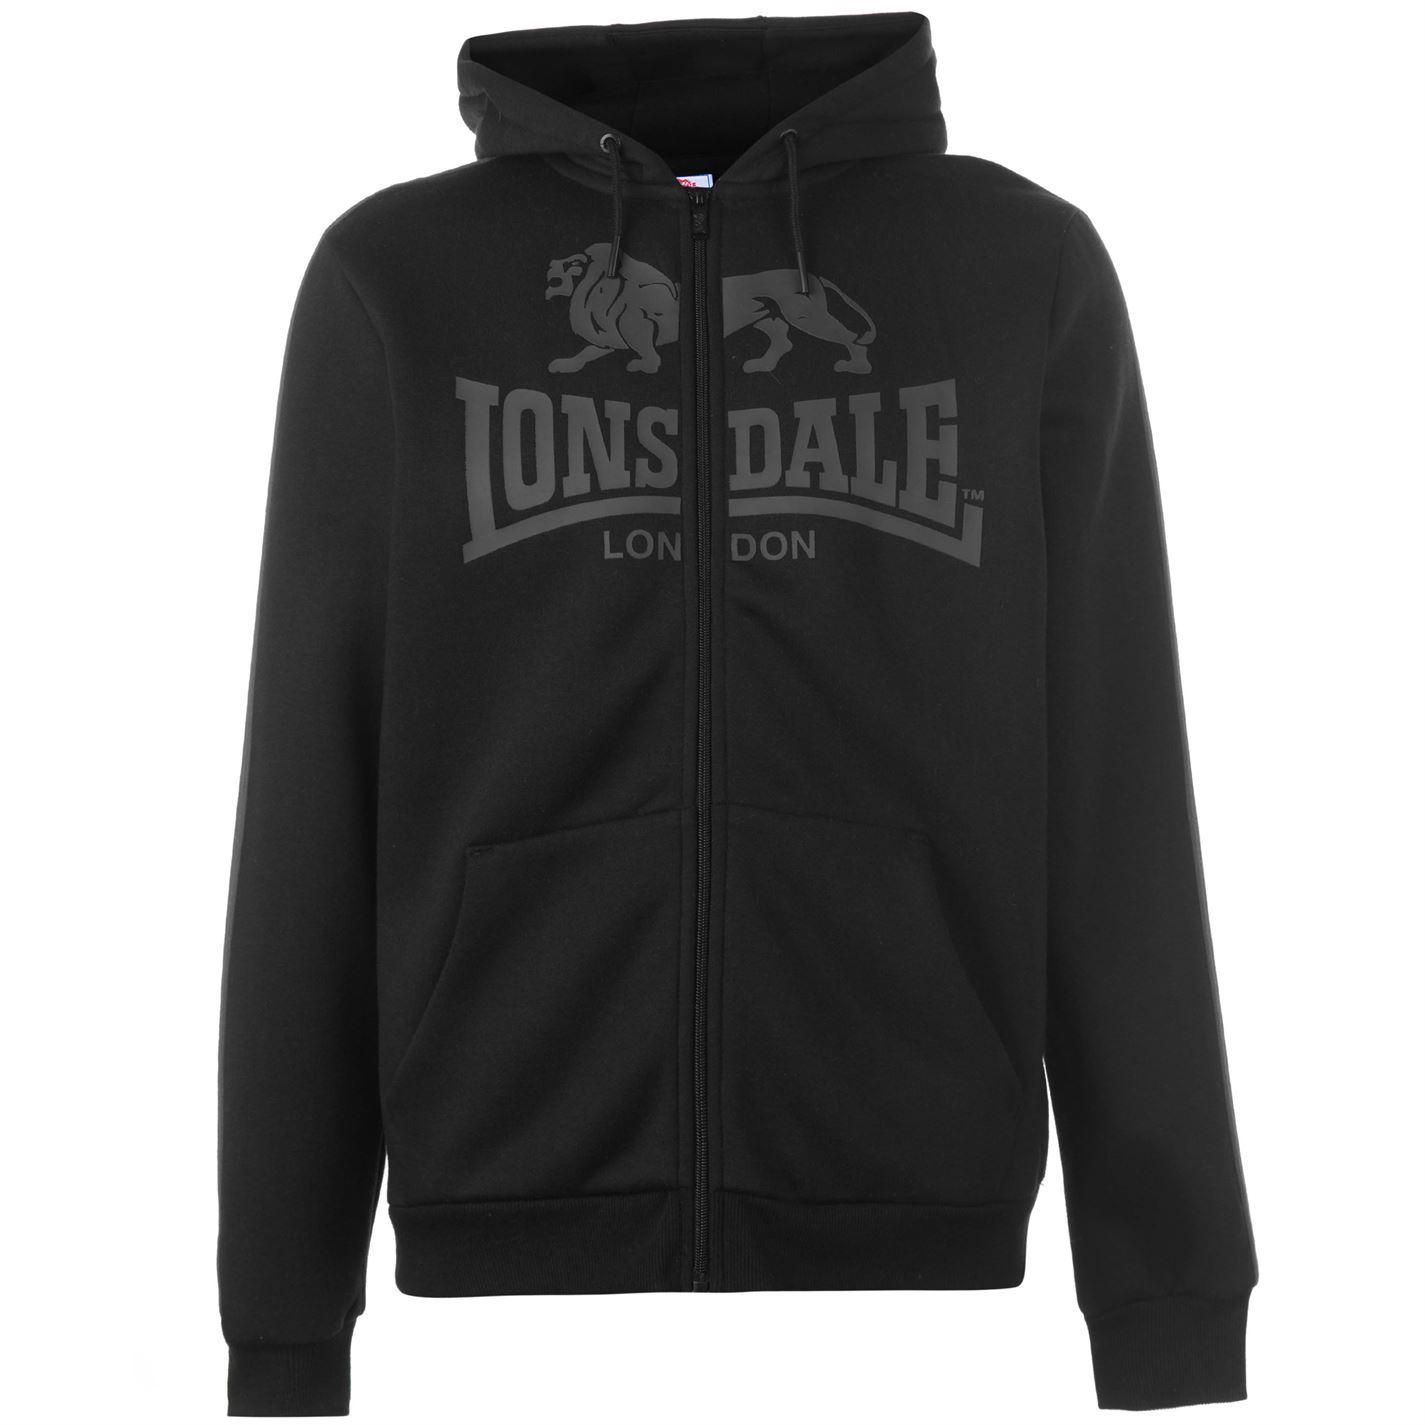 Lonsdale-2-Stripe-Logo-Full-Zip-Hoody-Mens-Hoodie-Top-Sweatshirt-Sweater thumbnail 8